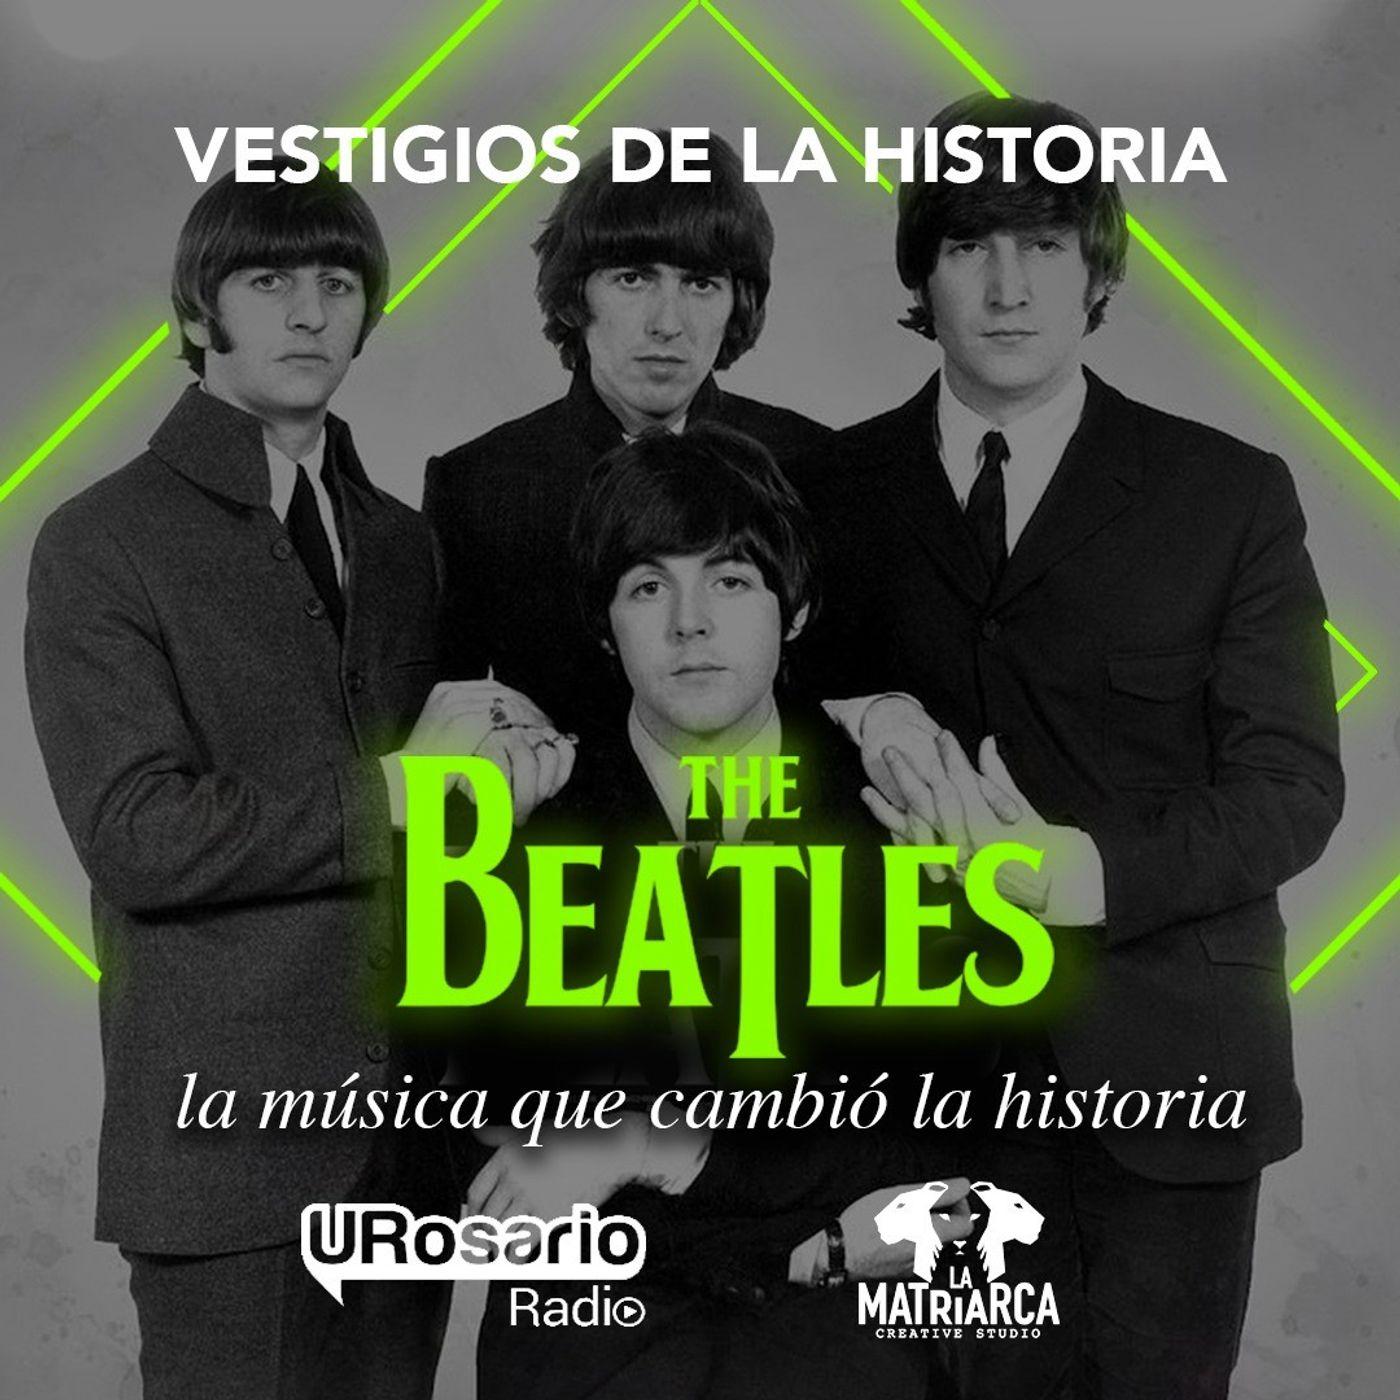 The Beatles - Parte I: la música que cambió la historia